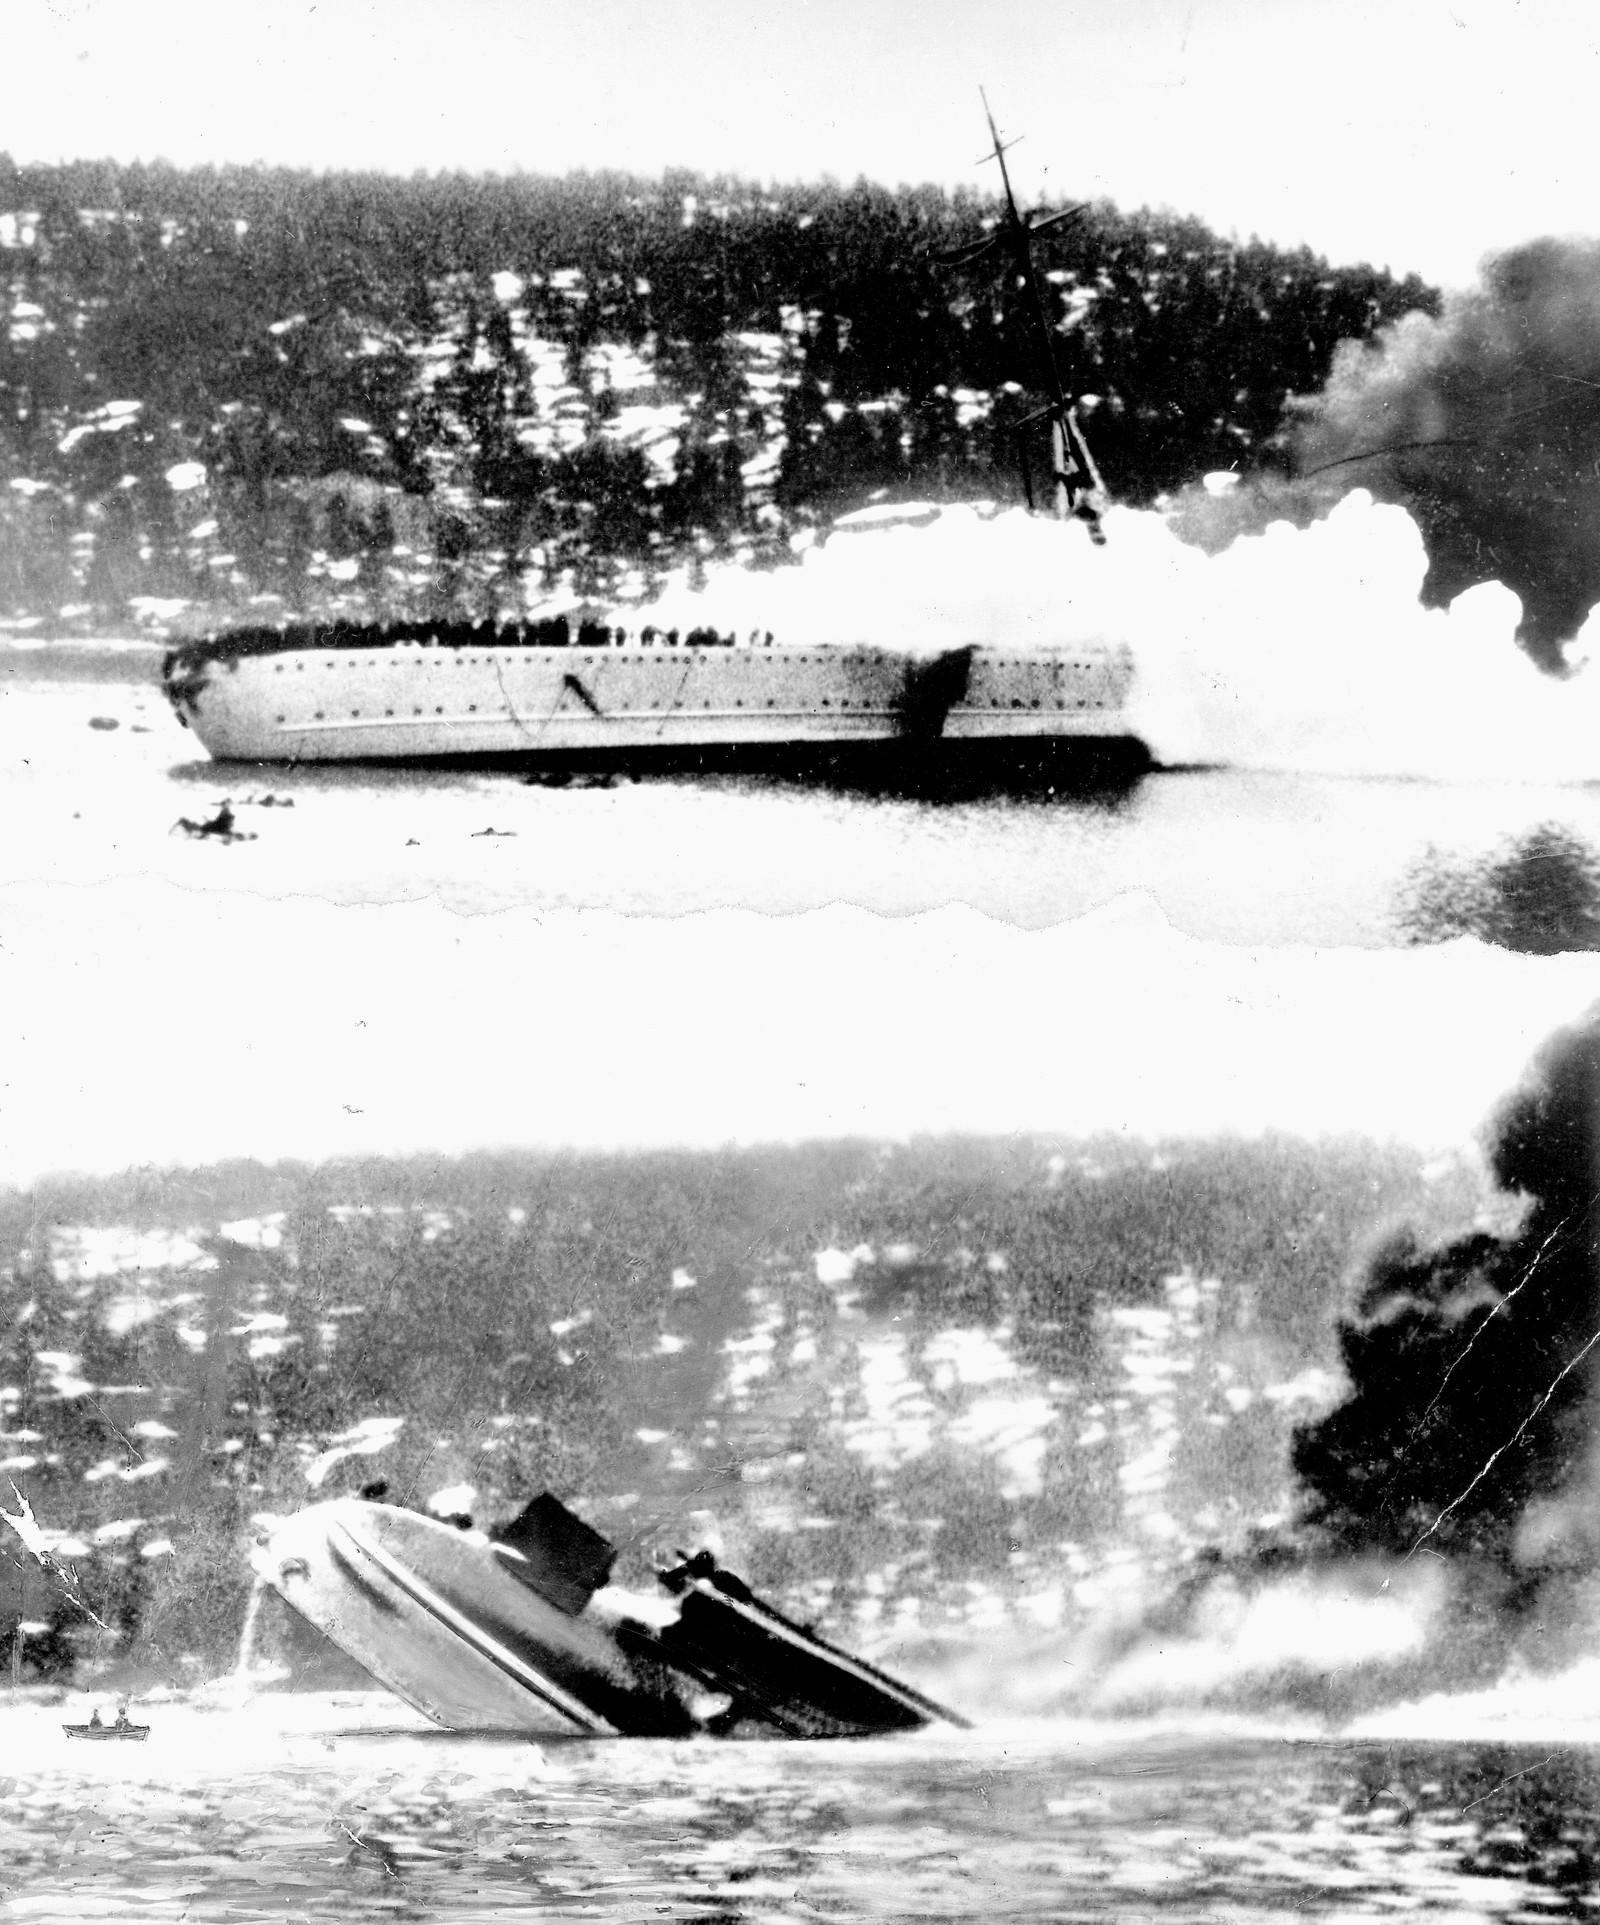 """Den tyske krysseren """"Blücher"""" i Drøbaksundet. Krigsskipet blir beskutt og senkes av kanonene på Oscarsborg."""